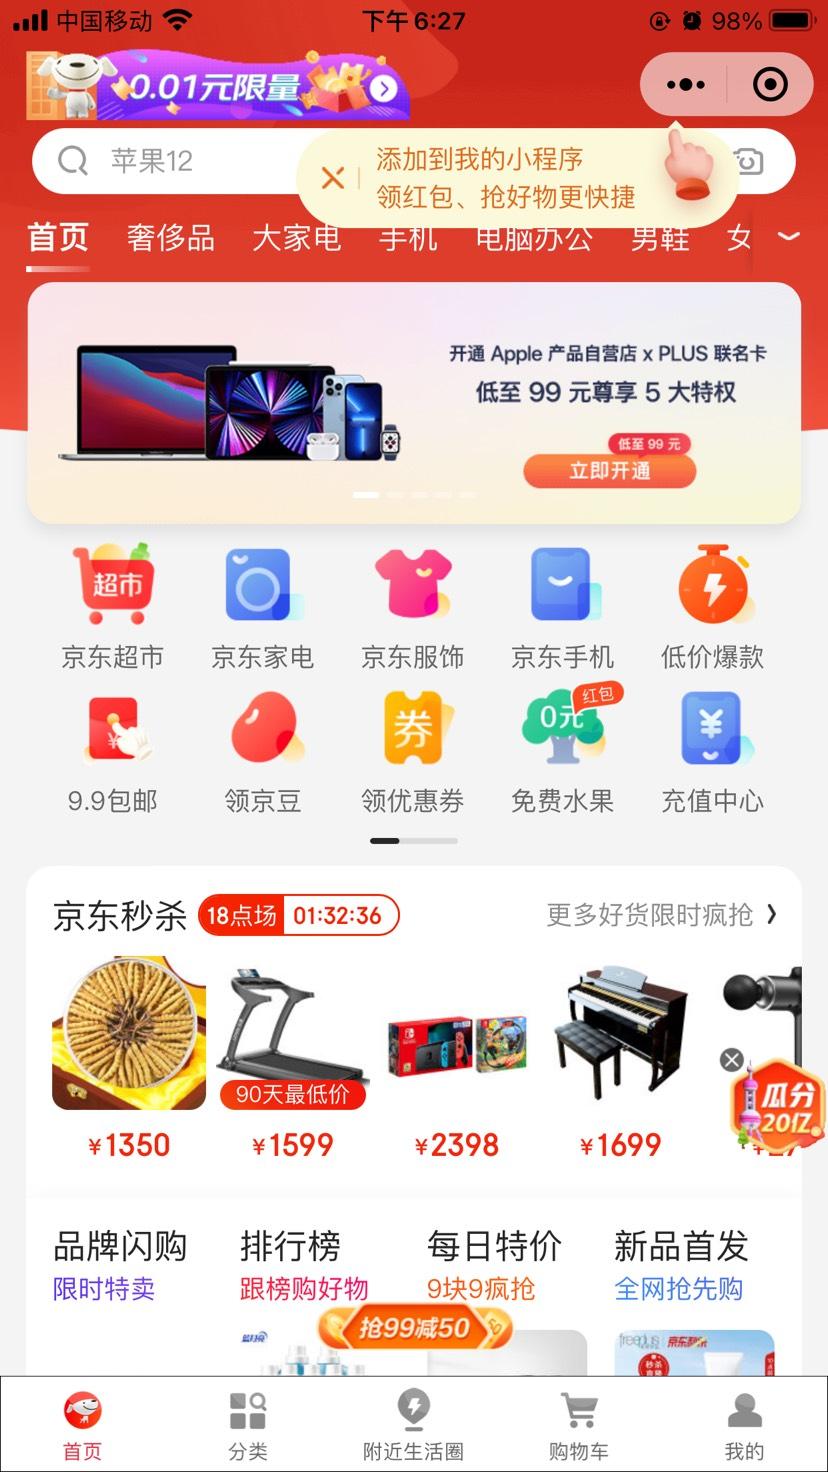 【现金红包】新一期京东购物小程序免费领1.6元无门槛红包 亲测秒